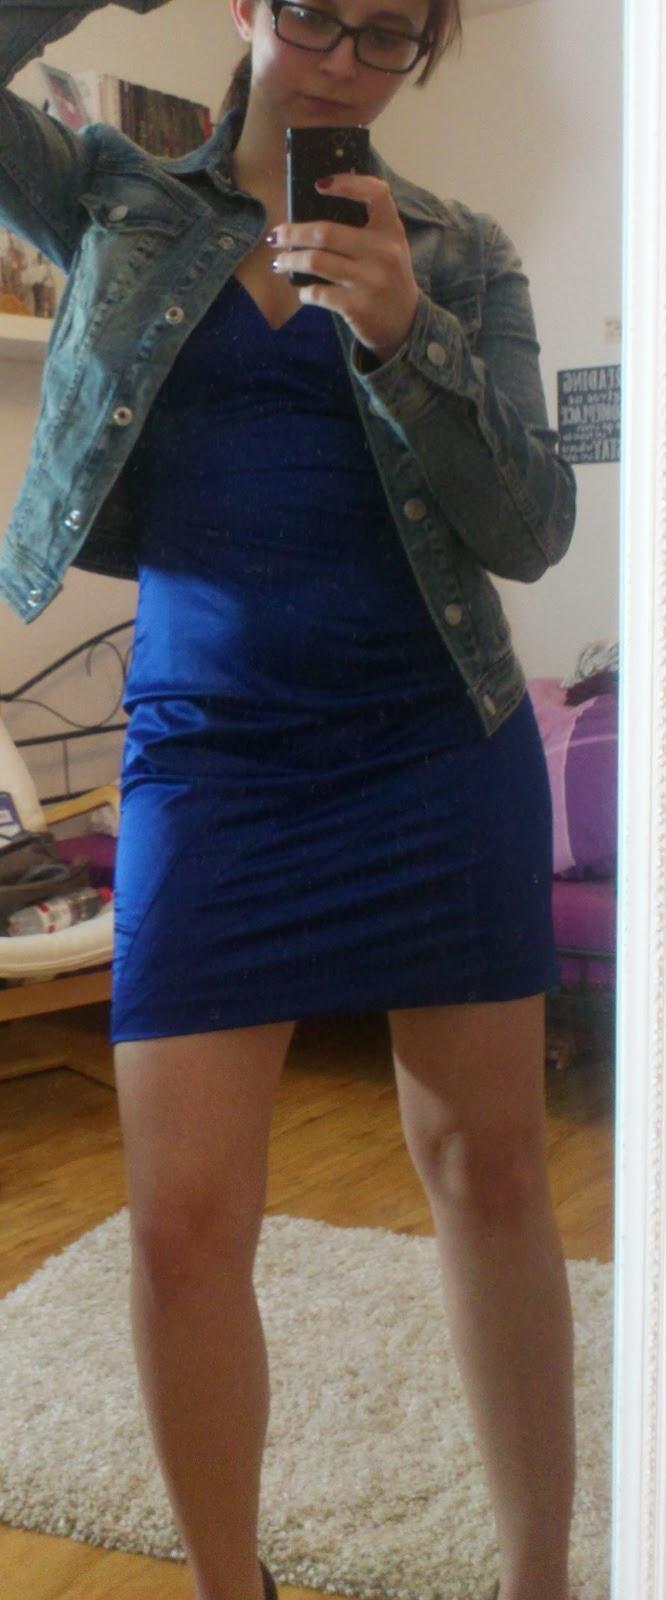 Lucciola Outfit Royalblaues Kleid Und Jeansjacke